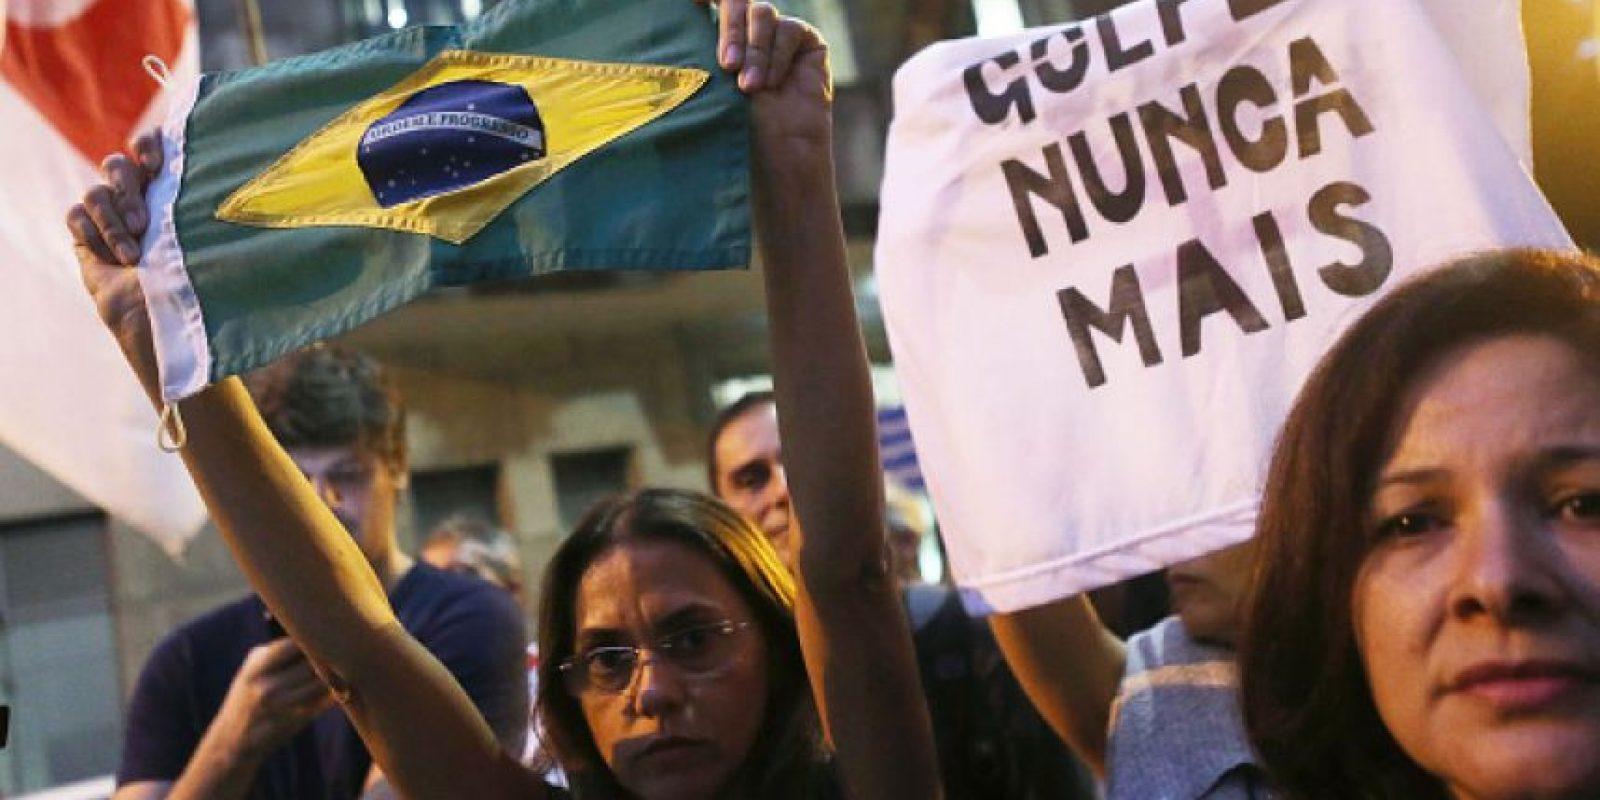 Se esperan protestas sociales en las calles durante los Juegos Olímpicos, debido al descontento social con este evento internacional, la crisis política en el país con la suspensión de la presidenta Dilma Roussef y la difícil situación económica. Foto:Getty